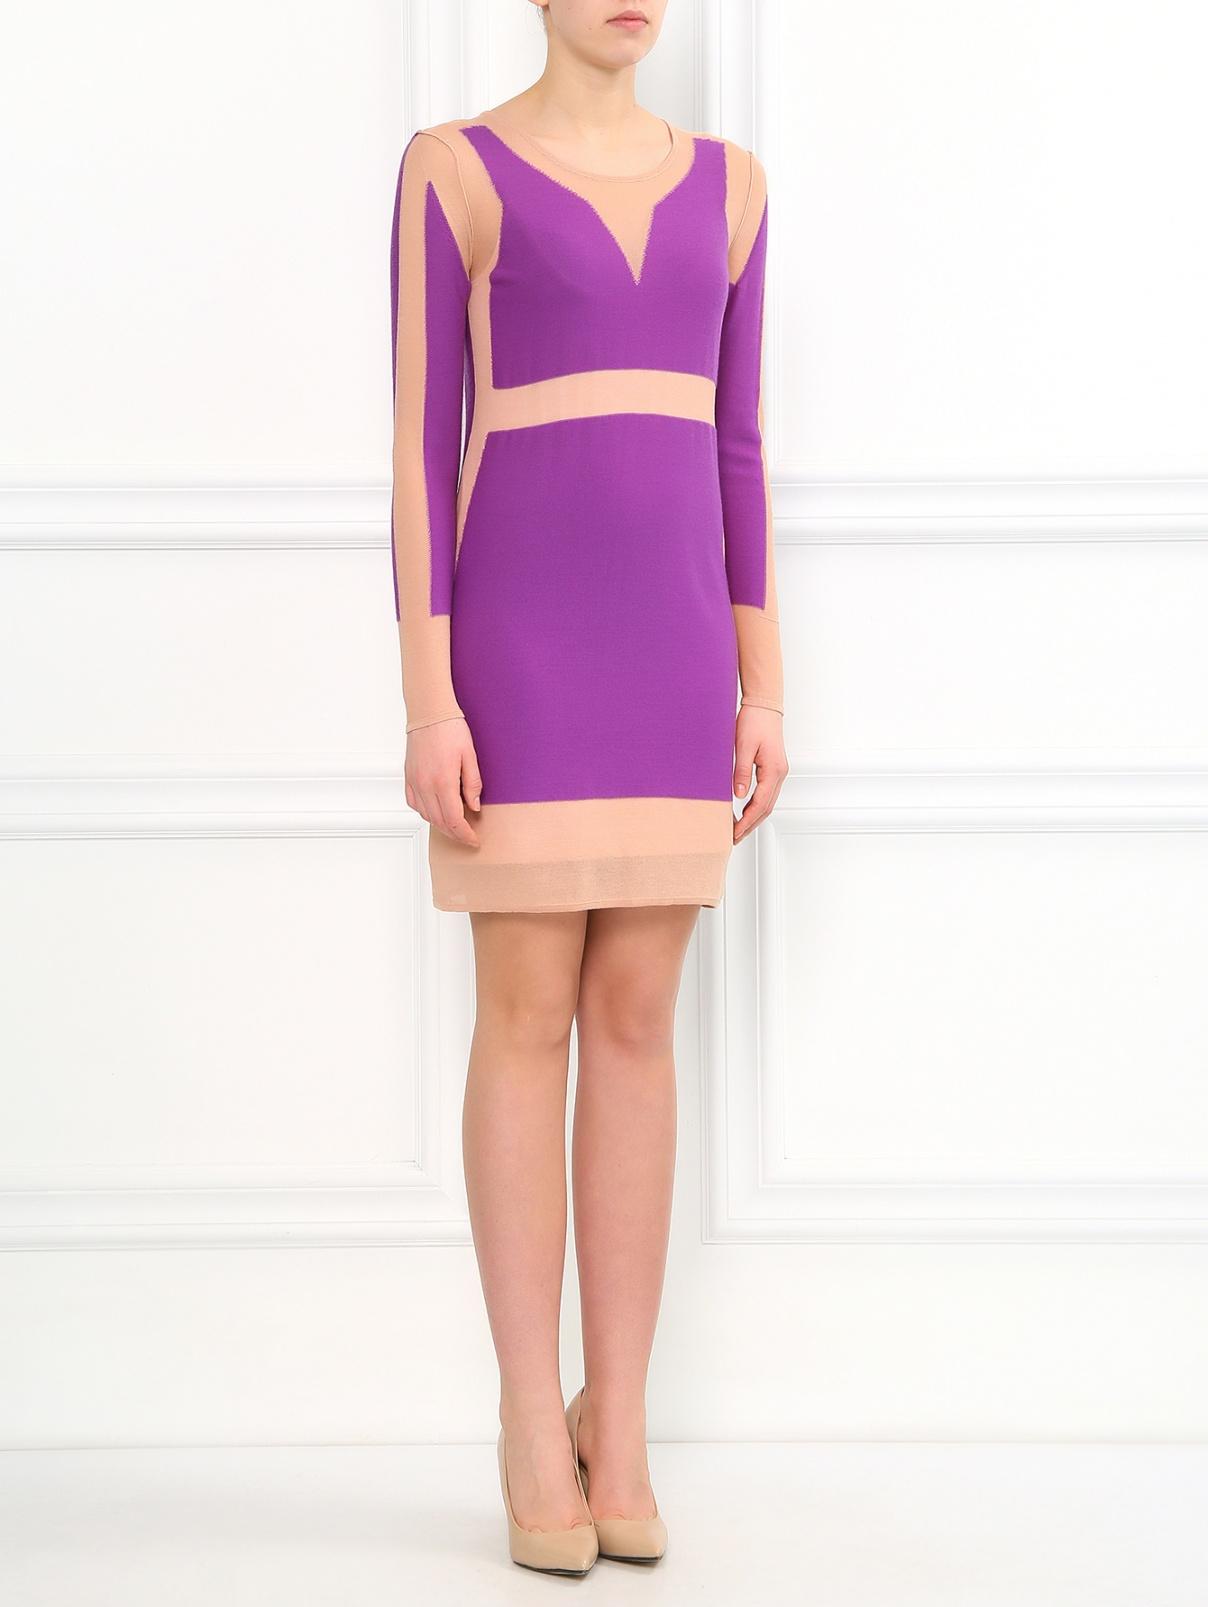 Платье из смешанного хлопка и шерсти Sonia Rykiel  –  Модель Общий вид  – Цвет:  Синий